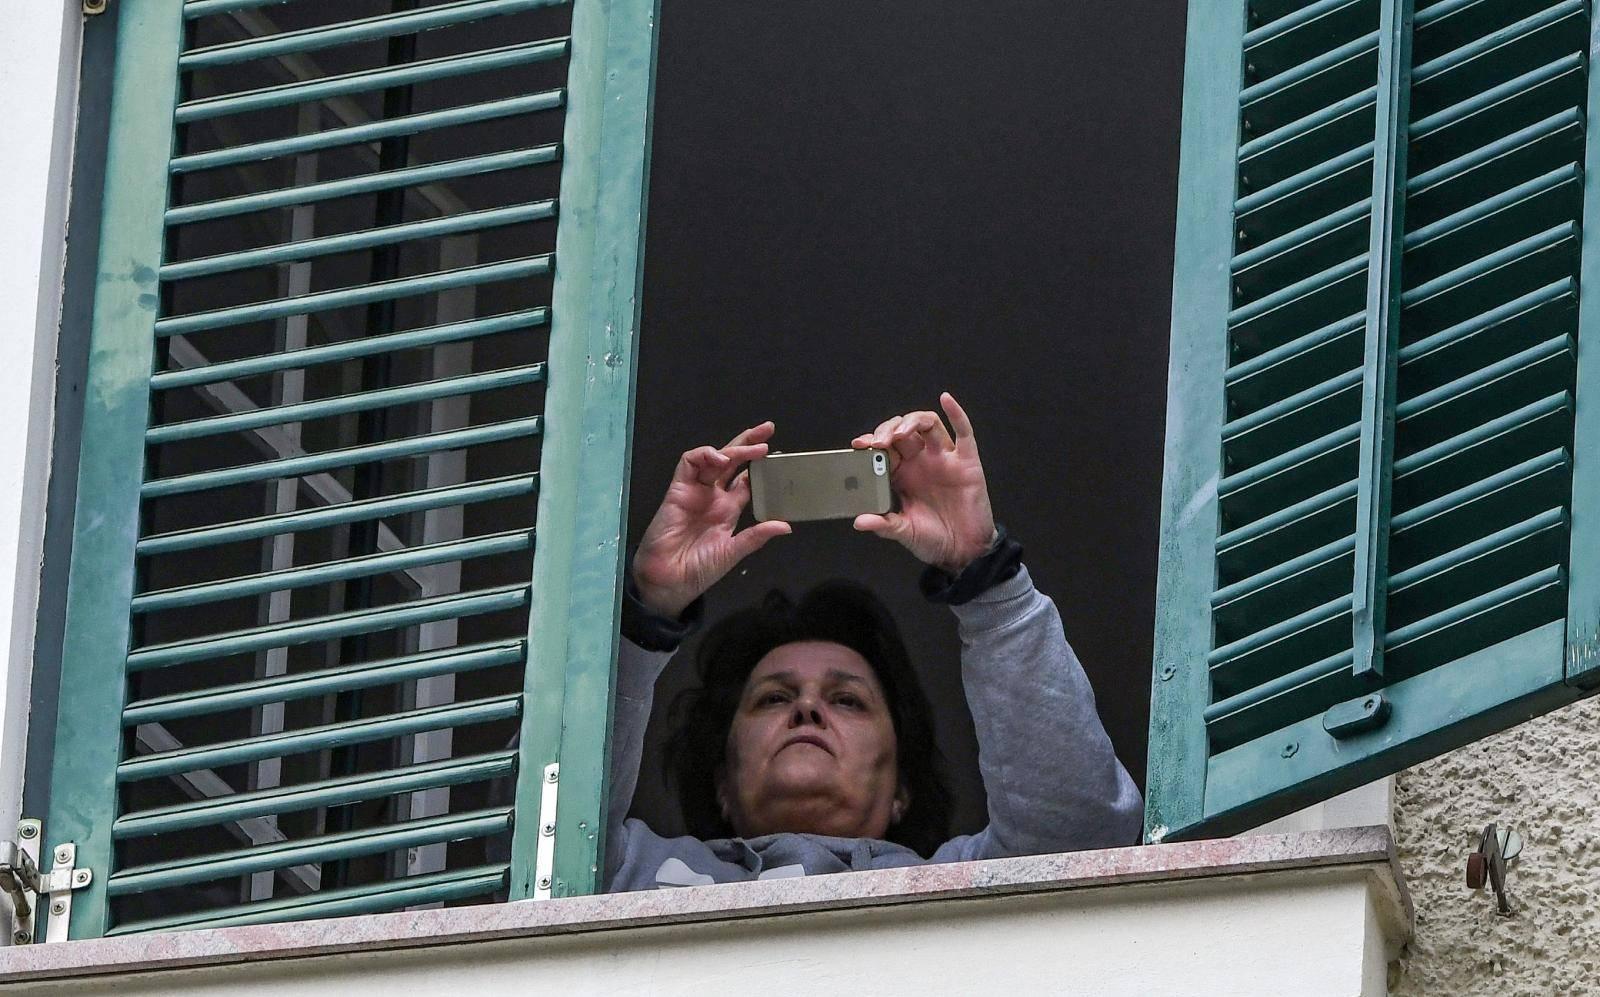 Ivo otišao u zatvor, a Mirjana s prozora vile snimala novinare